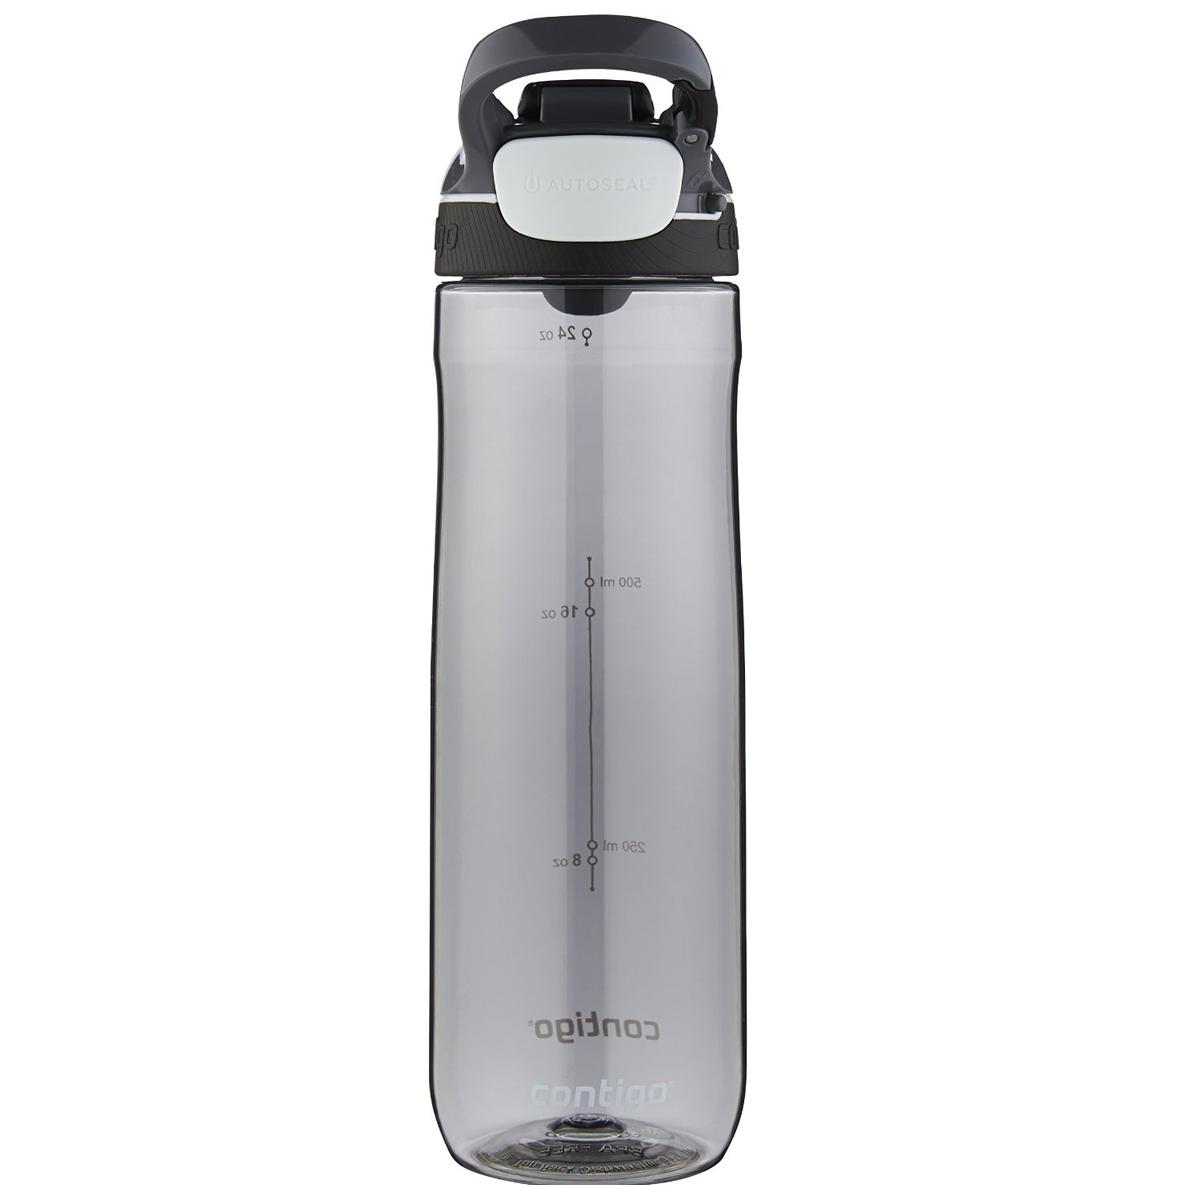 Contigo-24-oz-Cortland-Autoseal-Water-Bottle miniatura 12